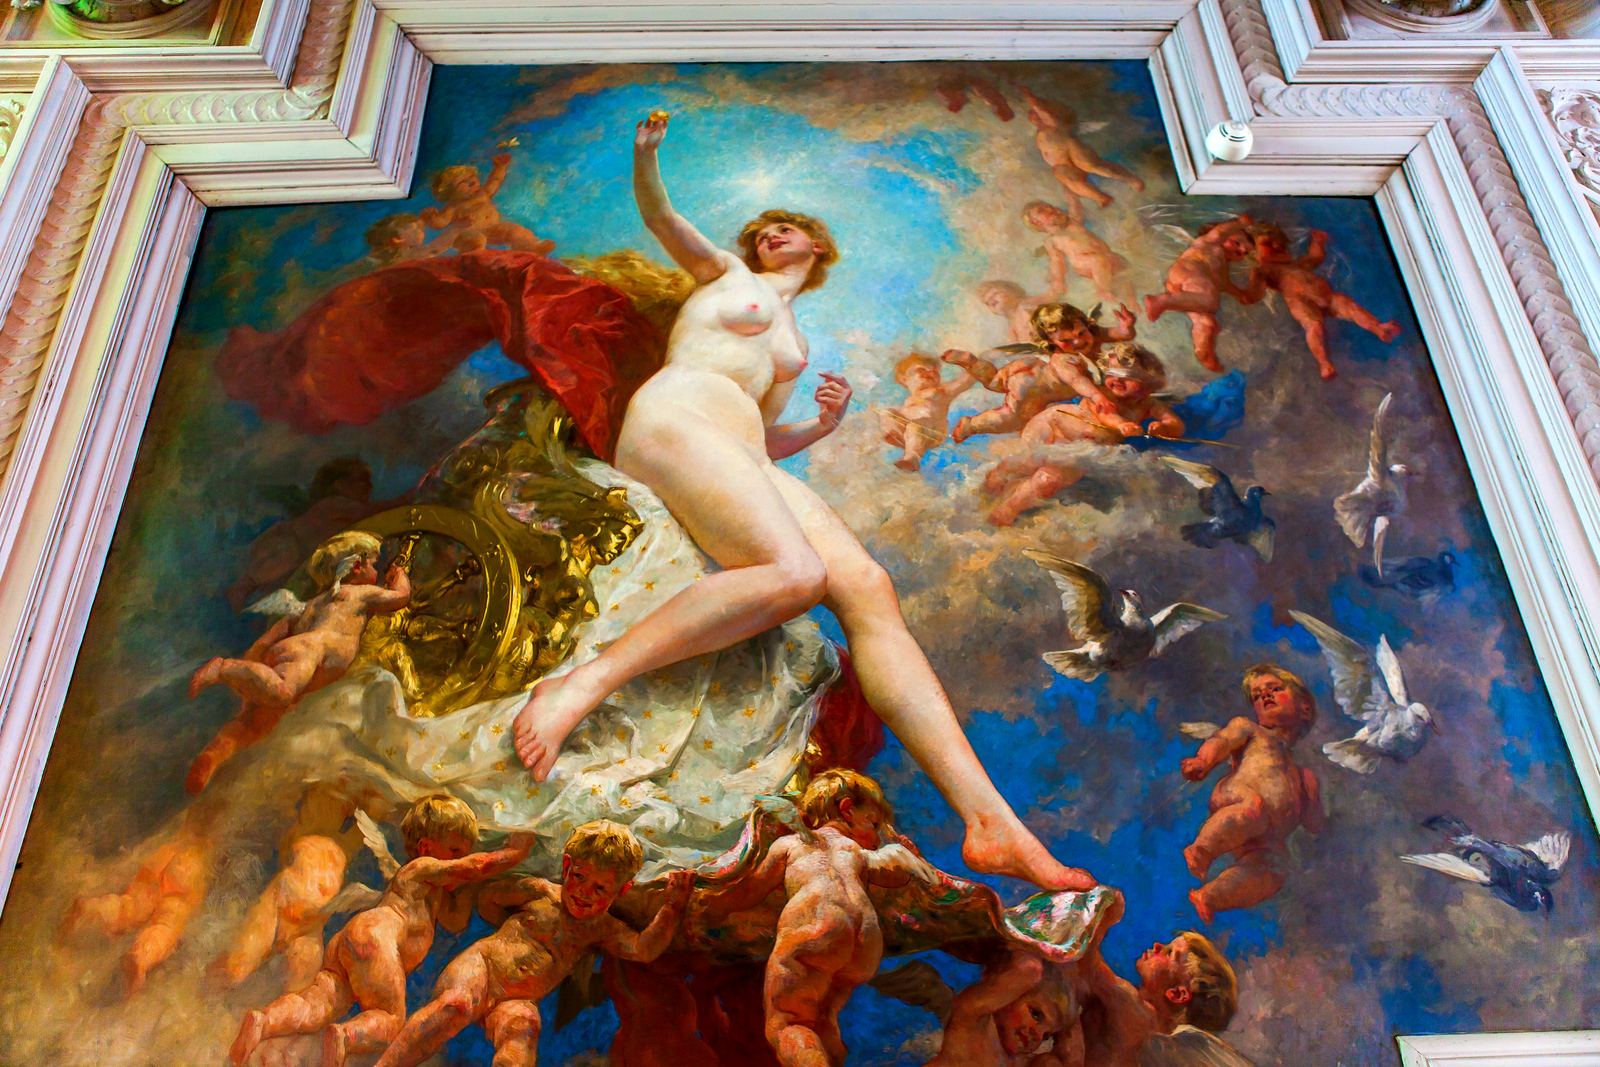 丹麦腓特烈堡城堡,油画里的故事